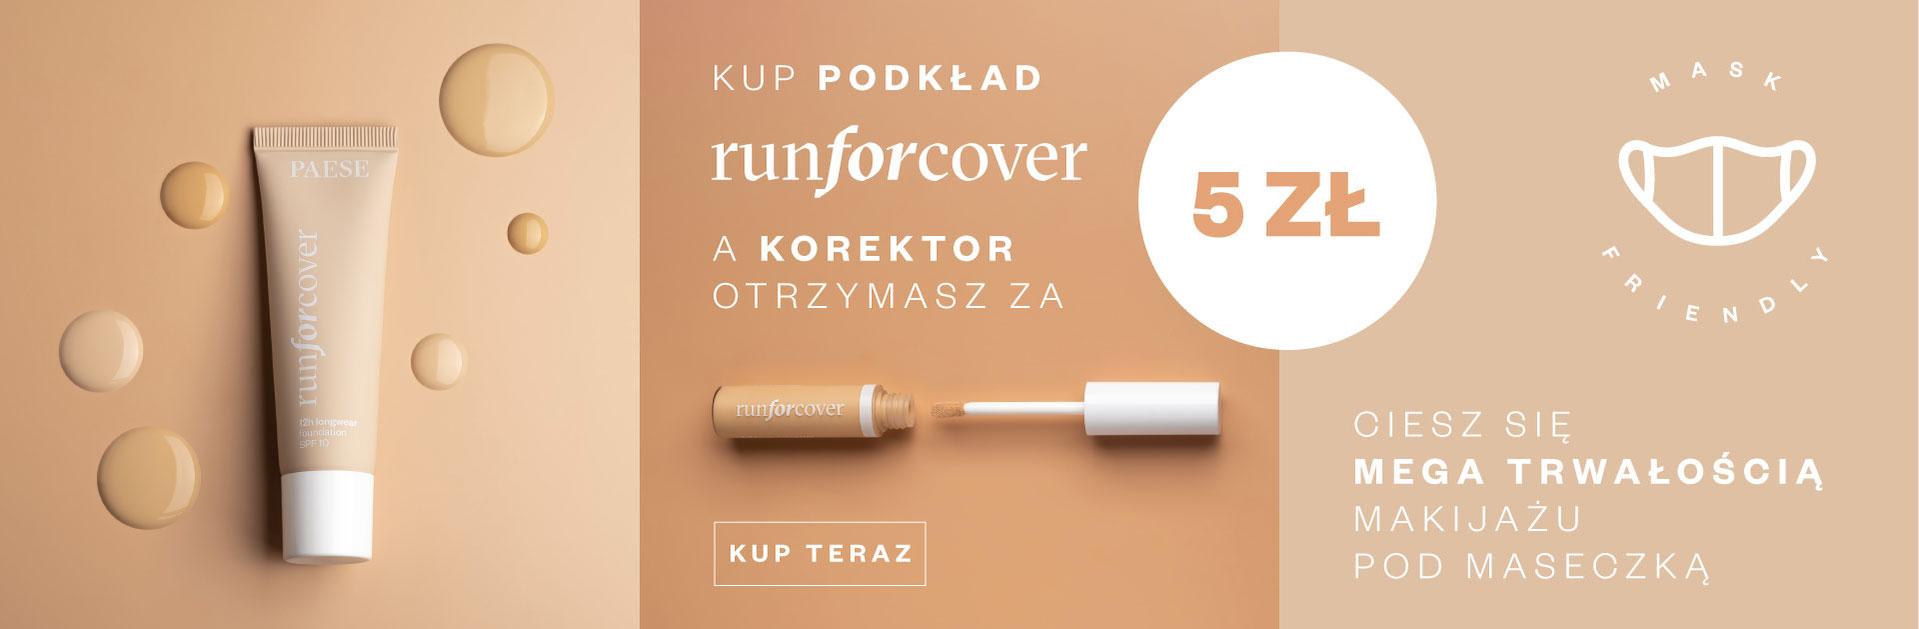 Paese: przy zakupie podkładu Runforcover, korektor otrzymasz za 5 zł